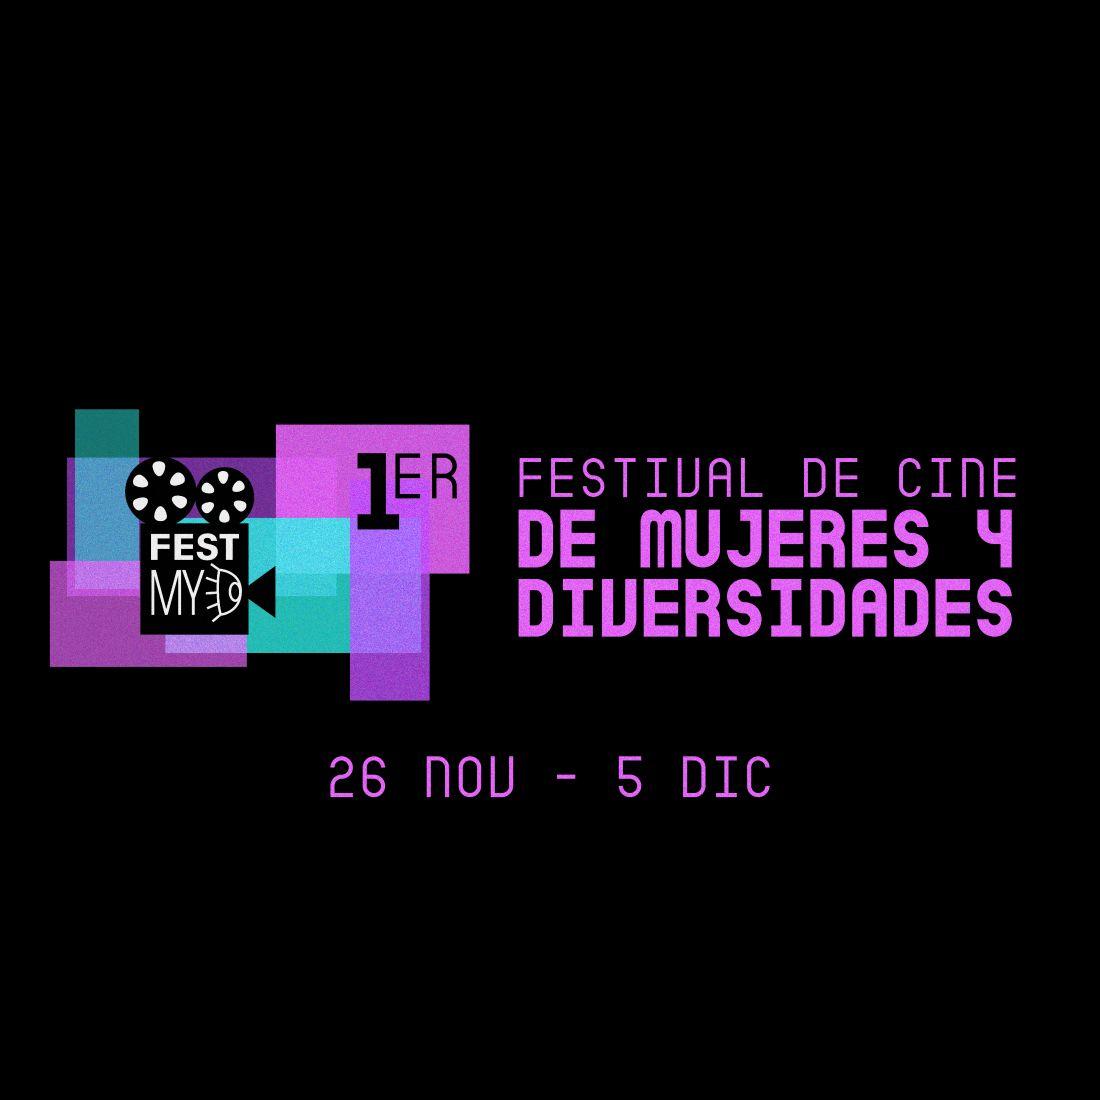 Festival de Cine de Mujeres y Diversidades abre convocatoria para certamen de cortos y largometrajes